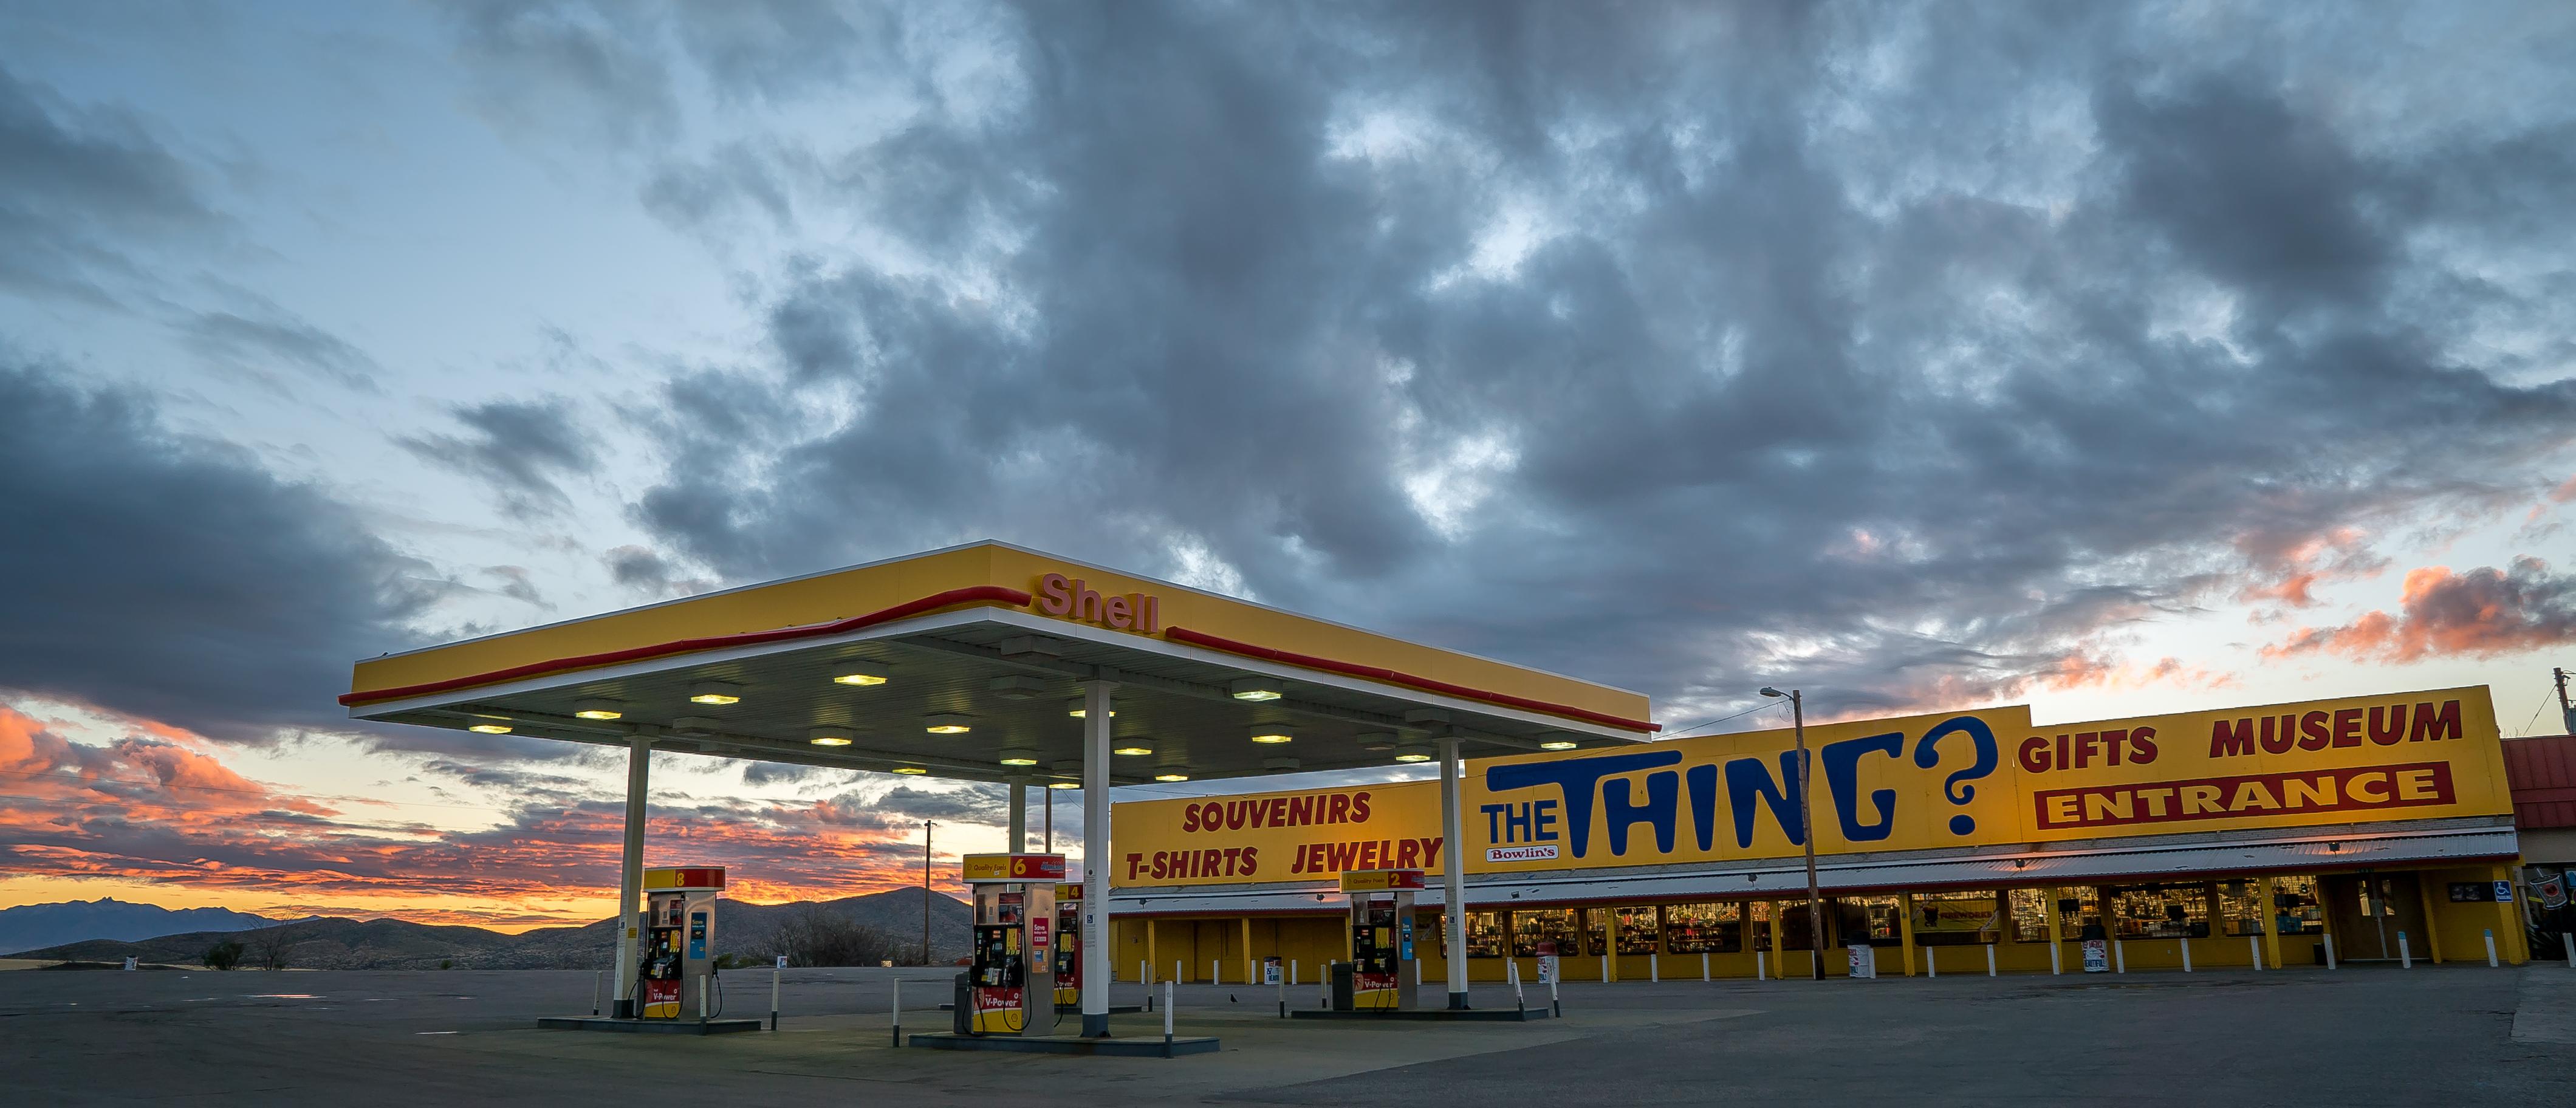 The Thing - Arizona